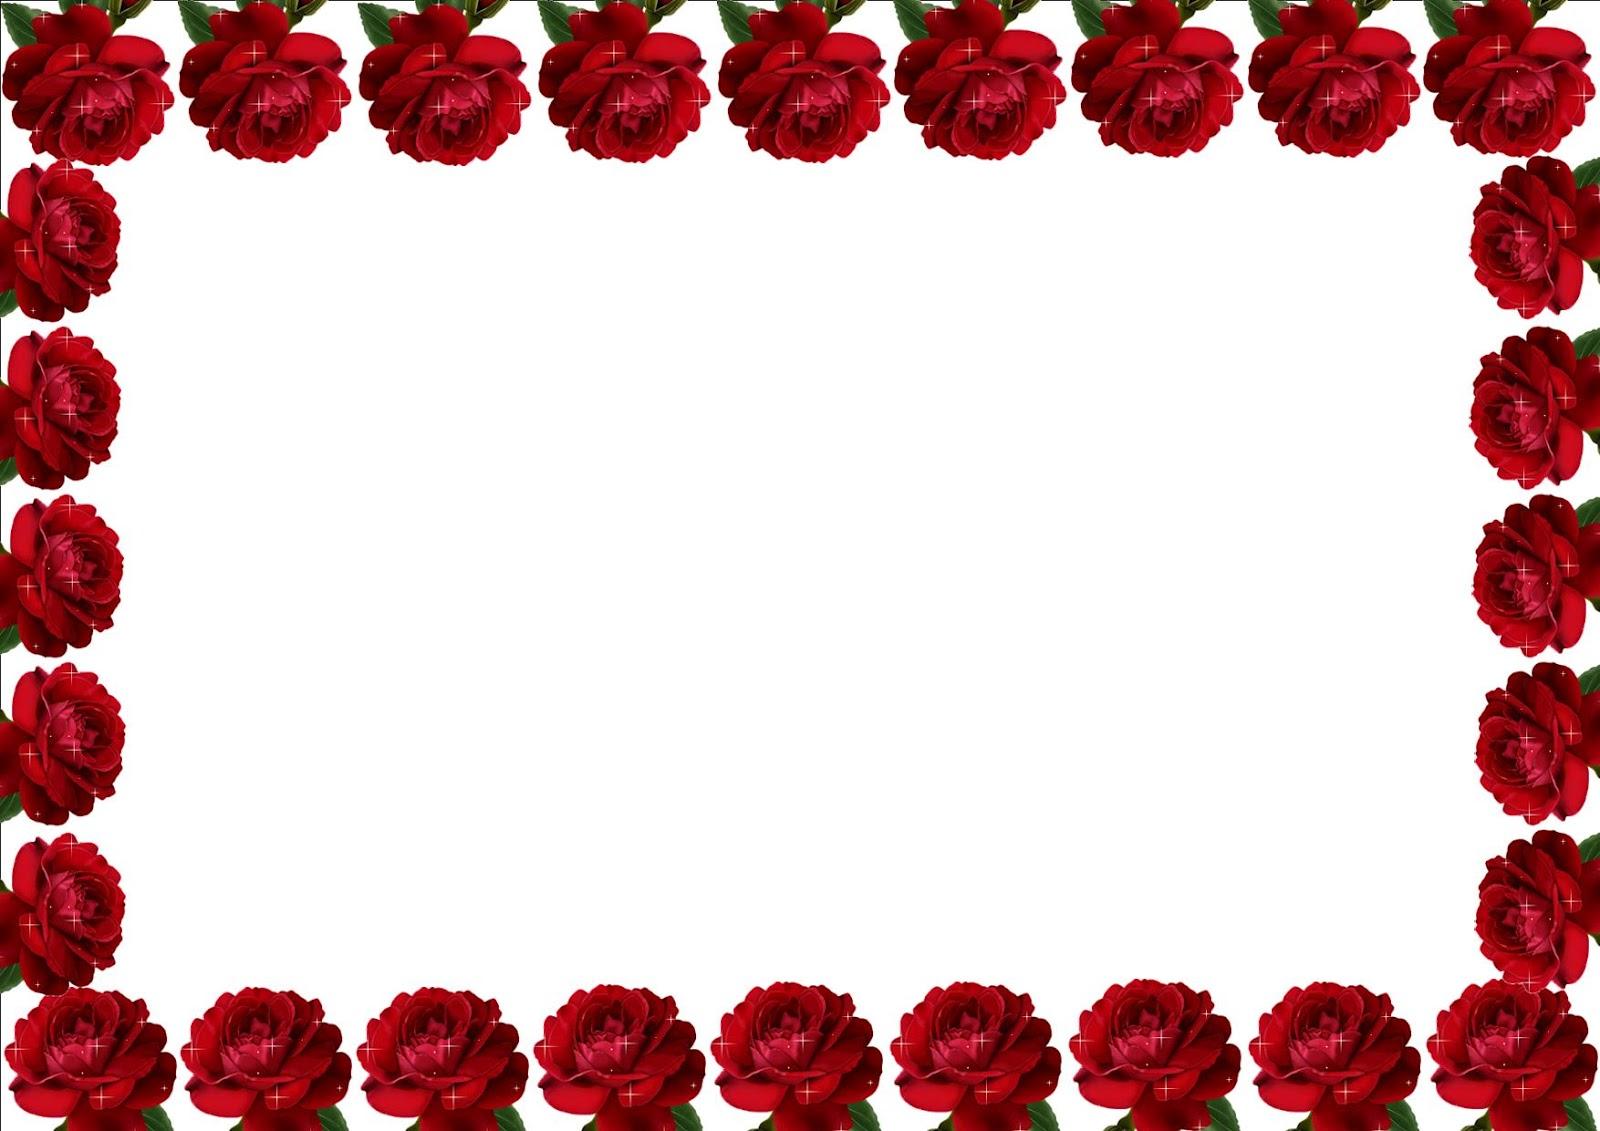 Wallpaper Gambar Bunga Ros Gambar 06